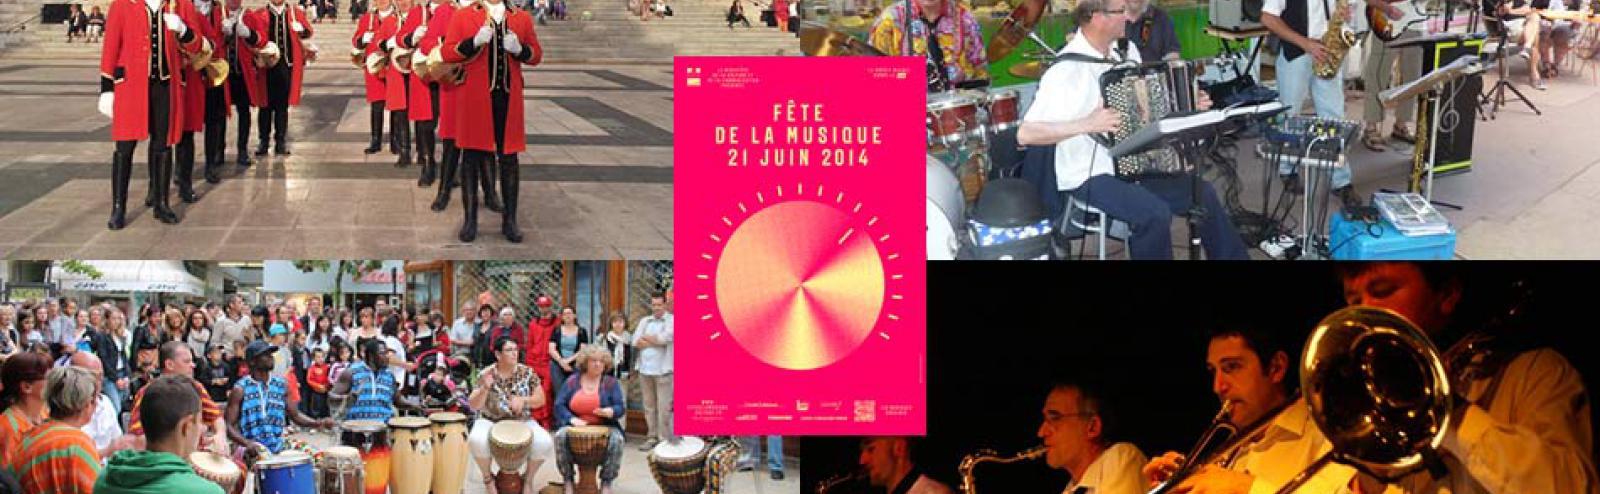 La Fête de la musique 2014 à Vichy !